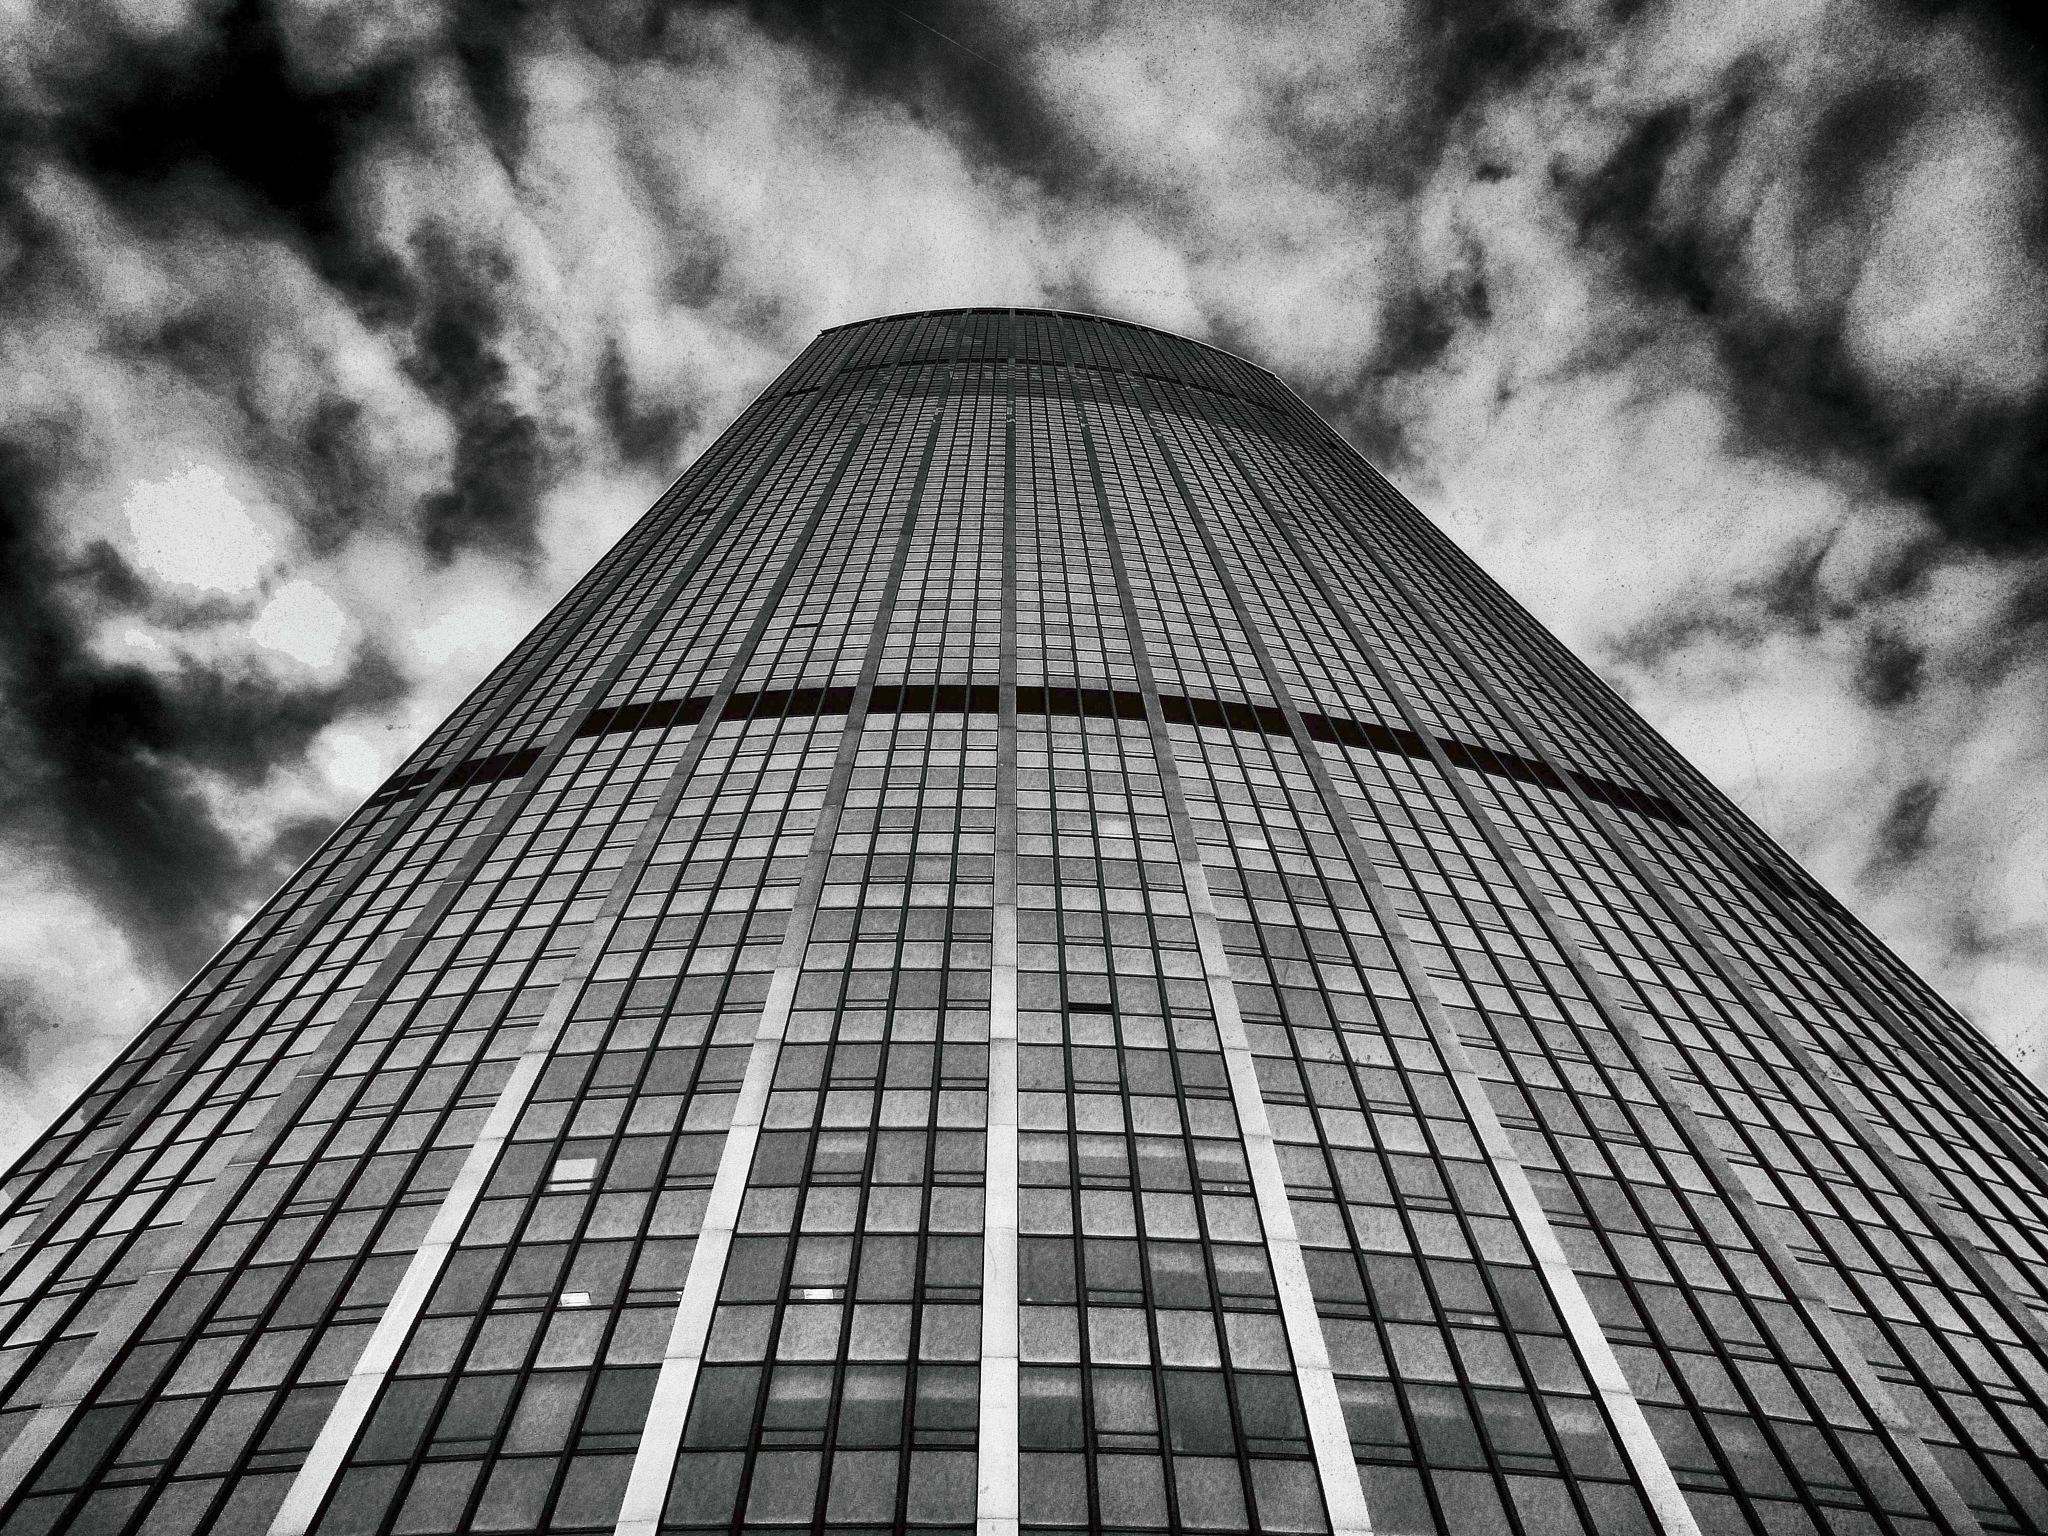 La tour. by franckhegoburu